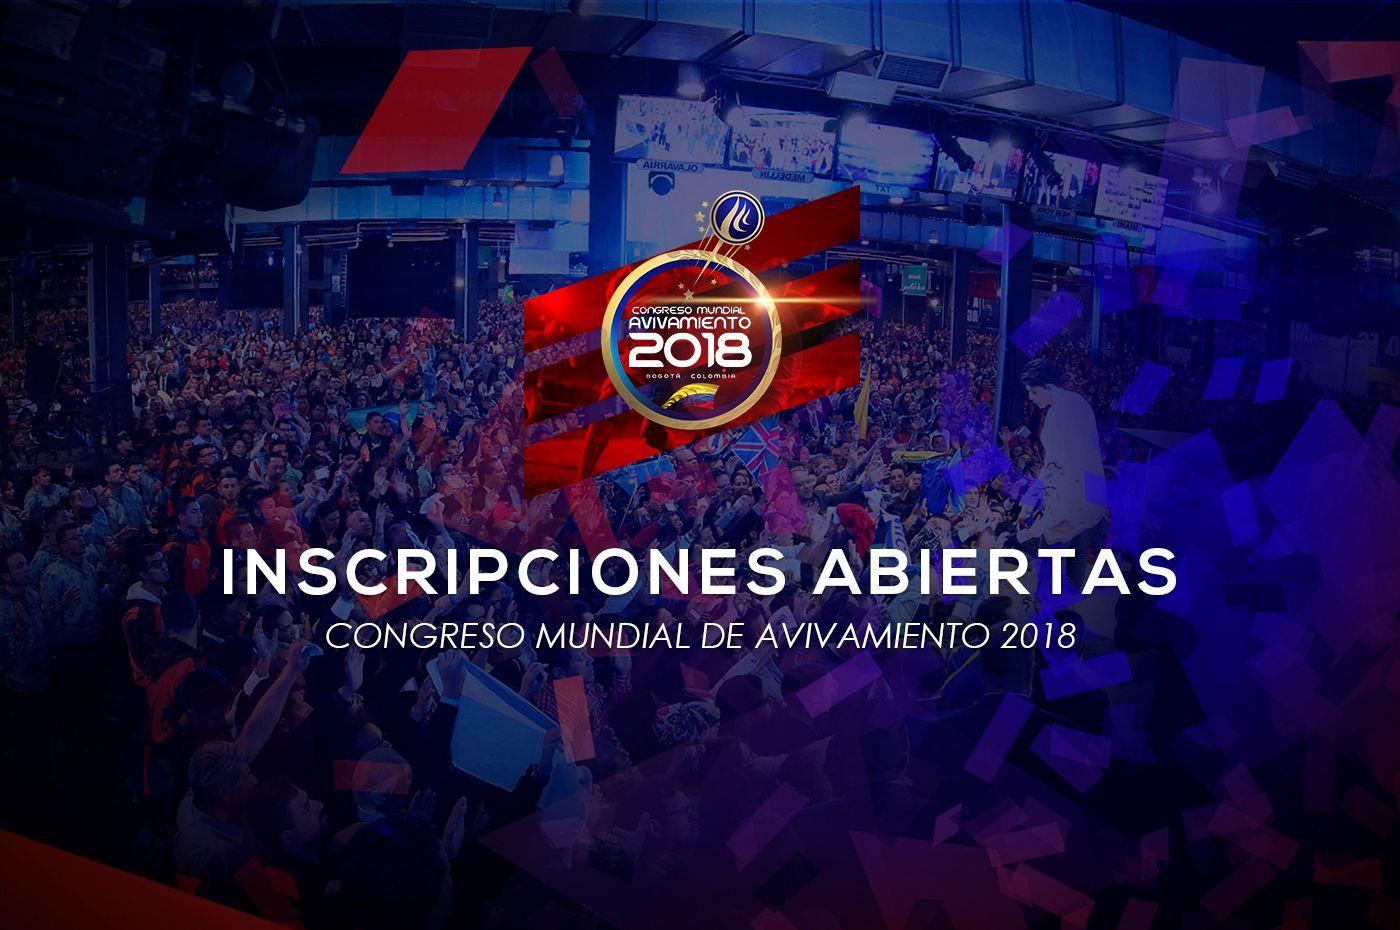 ¡Dios de segundas oportunidades!                            Ven al Congreso Mundial de Avivamiento 2018